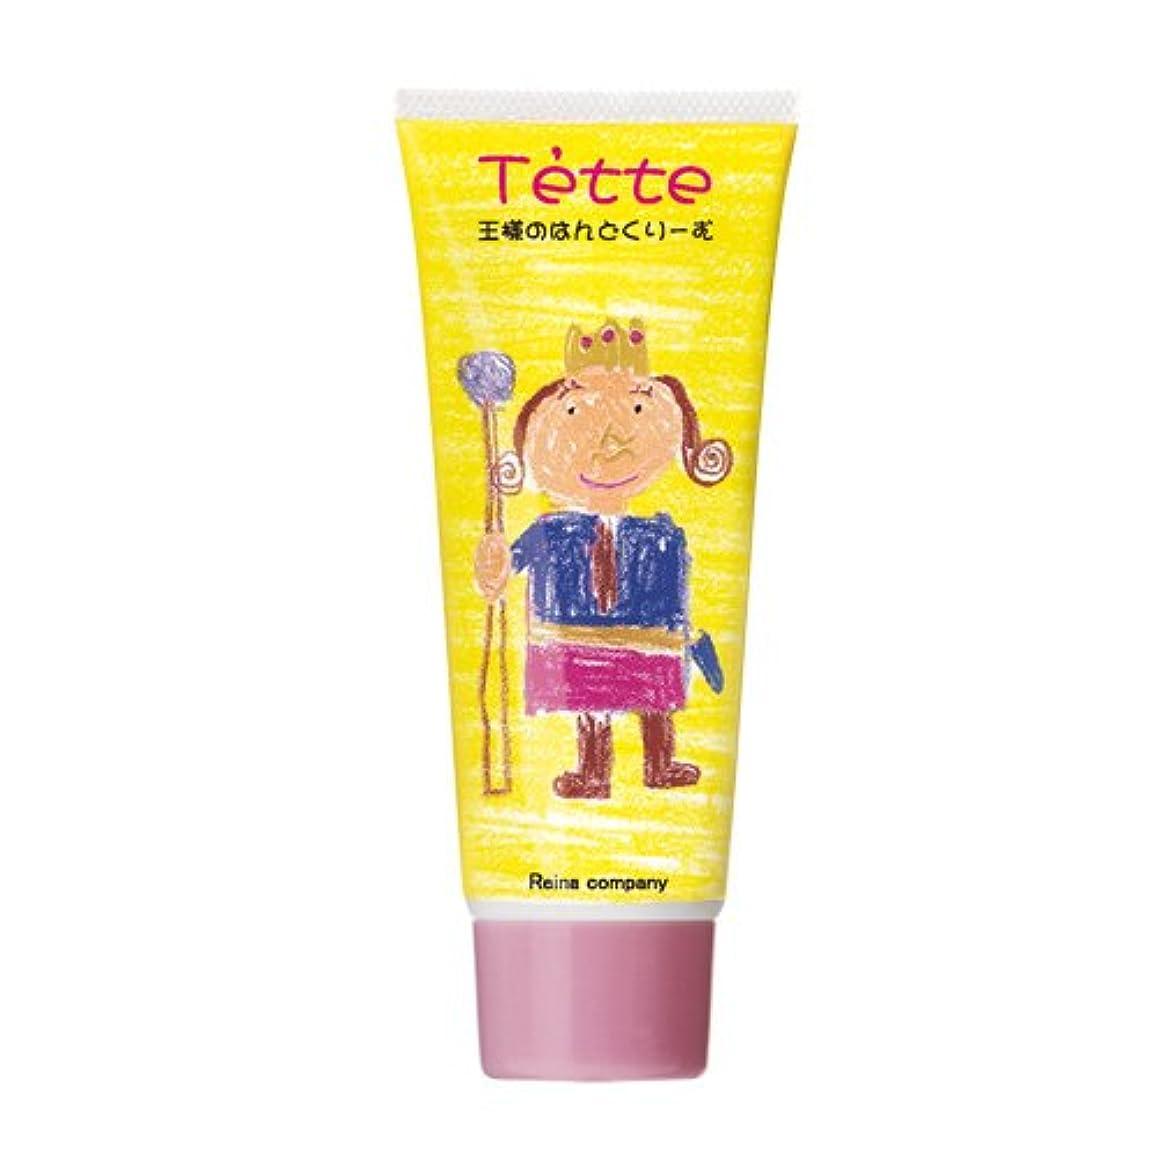 圧縮する効能夜の動物園Tette(テッテ) 王様のハンドクリーム 65g